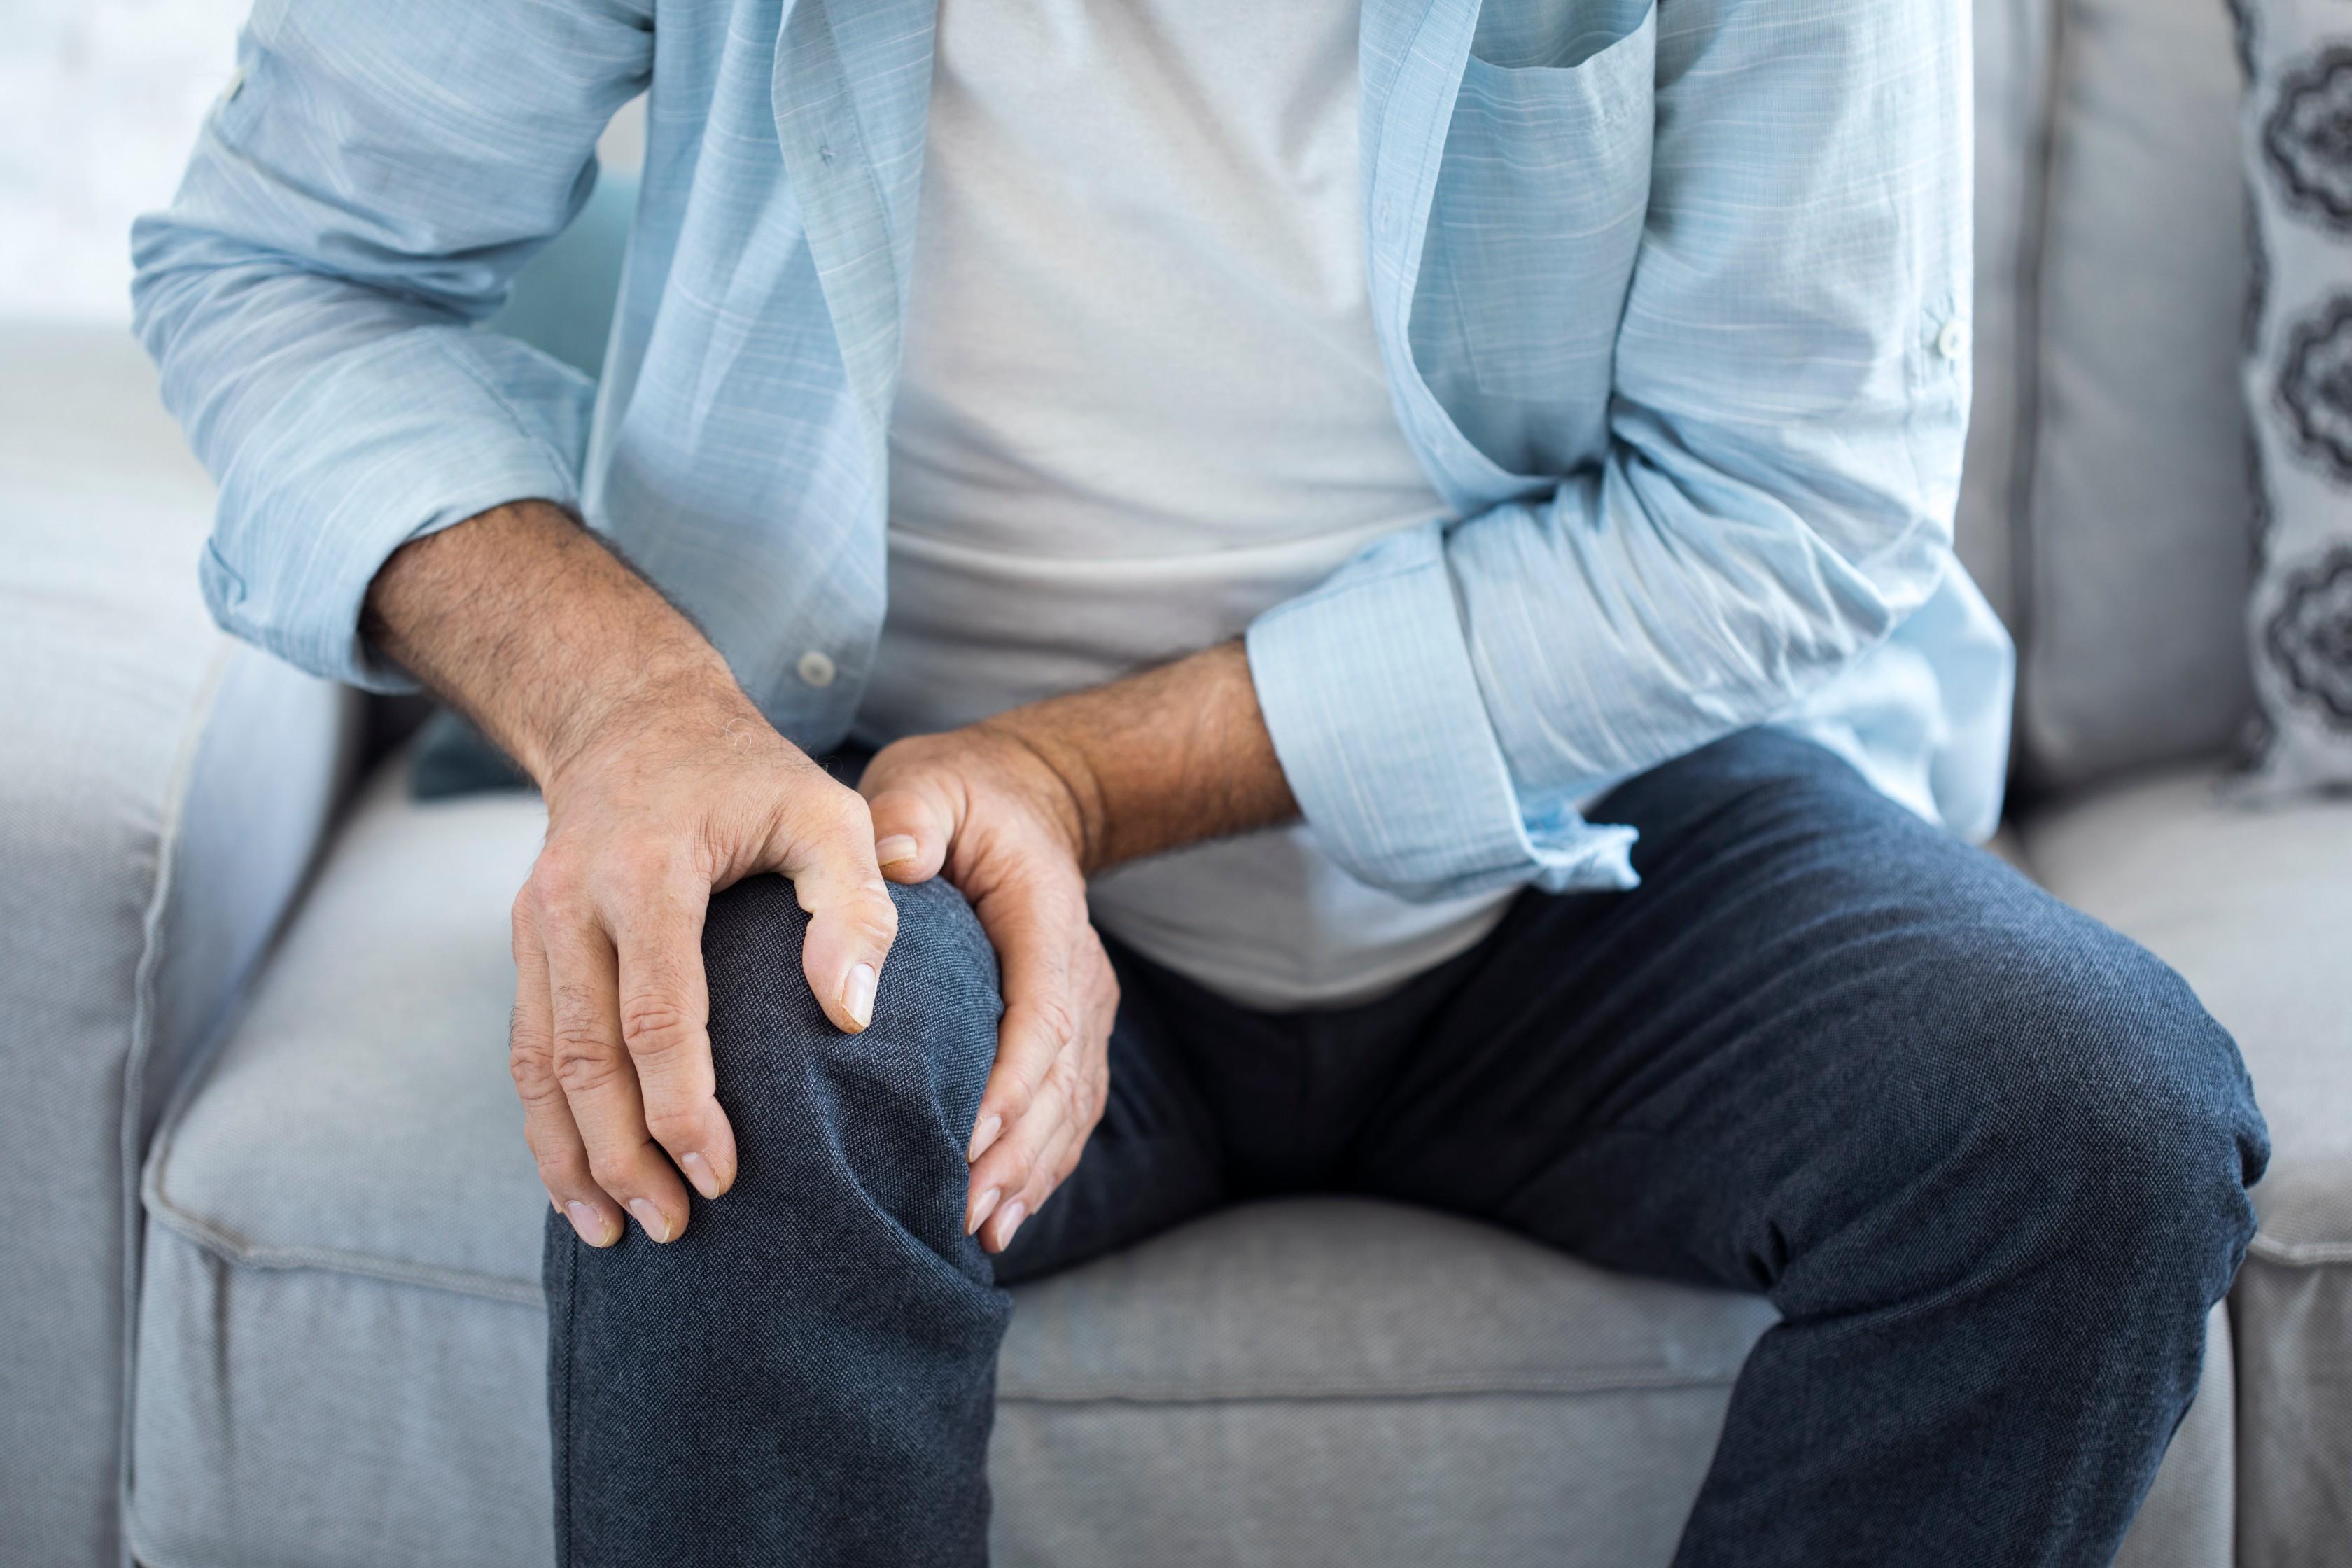 hogyan válasszuk ki az ízületek kenőcsét vállfájdalom gyógytorna